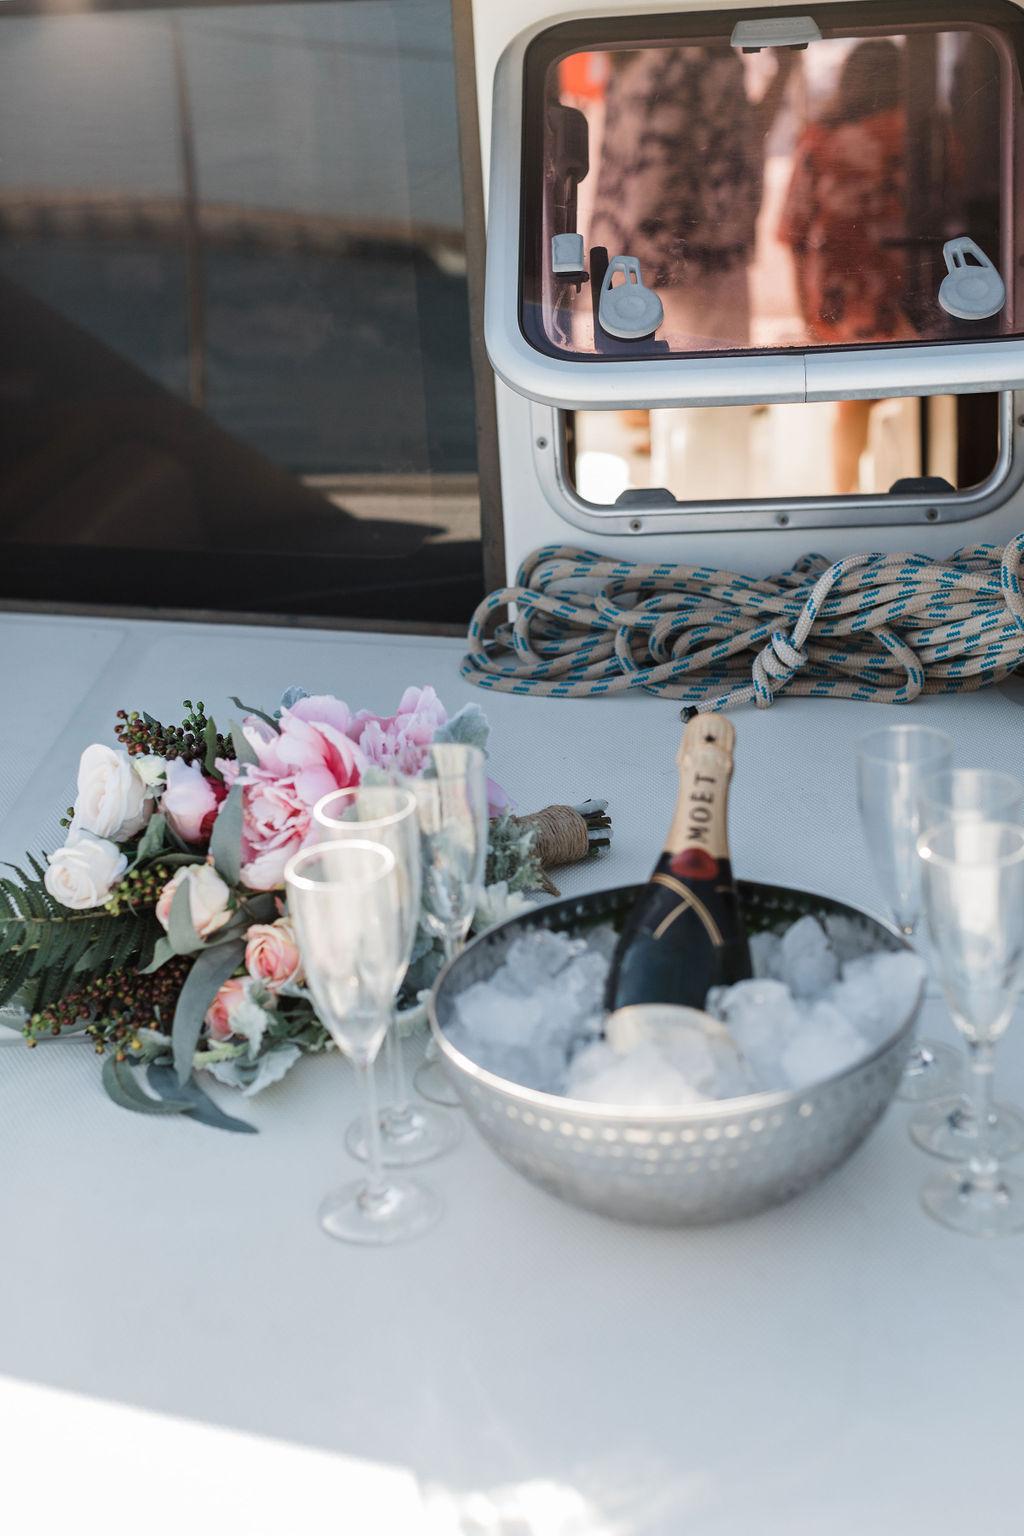 S&B-Elopetoningaloo-blue-media-weddings-cruise-46.jpg